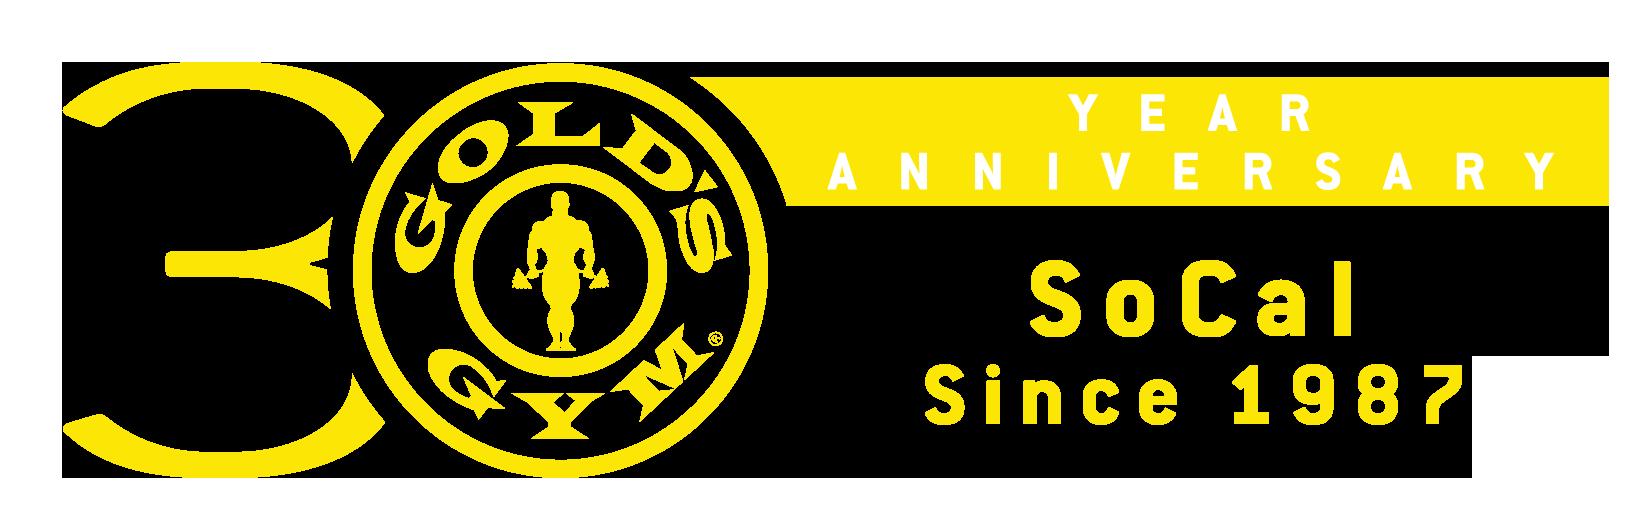 193665_53194_GGLA_SEP17_30YearAnniversary_Logo_Yellow.png